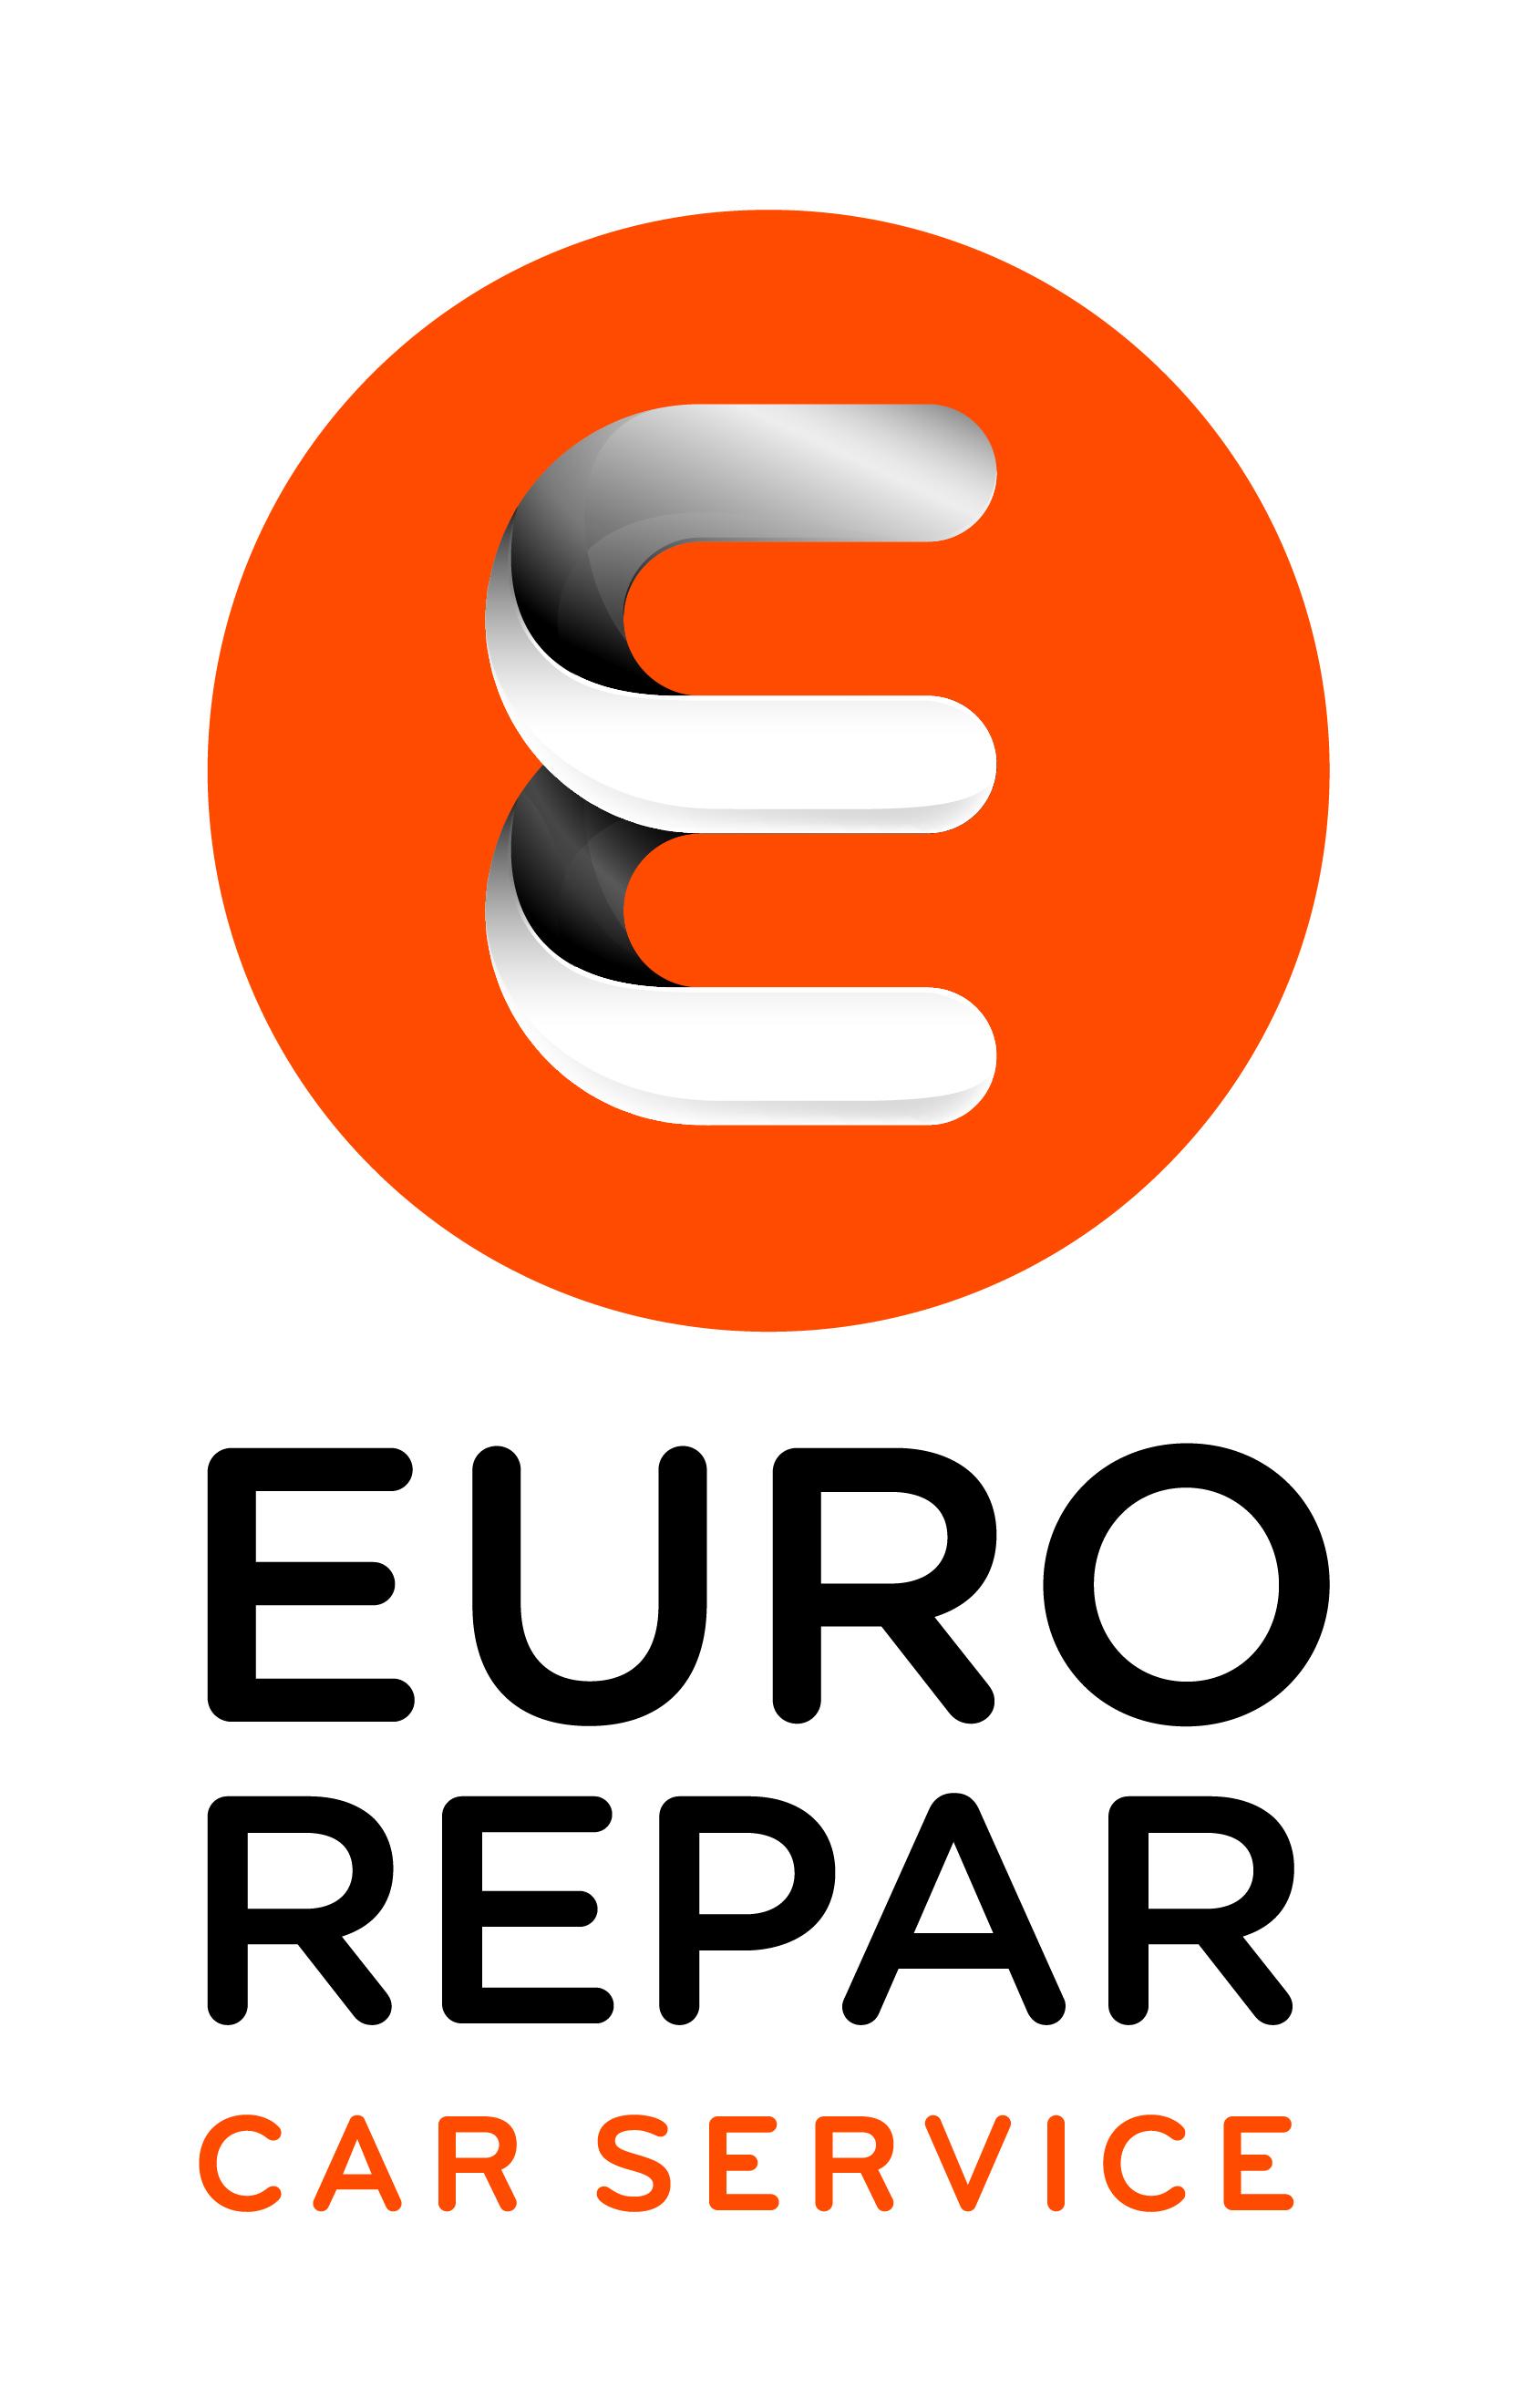 KFZ-Reparaturwerkstatt M. Polle logo